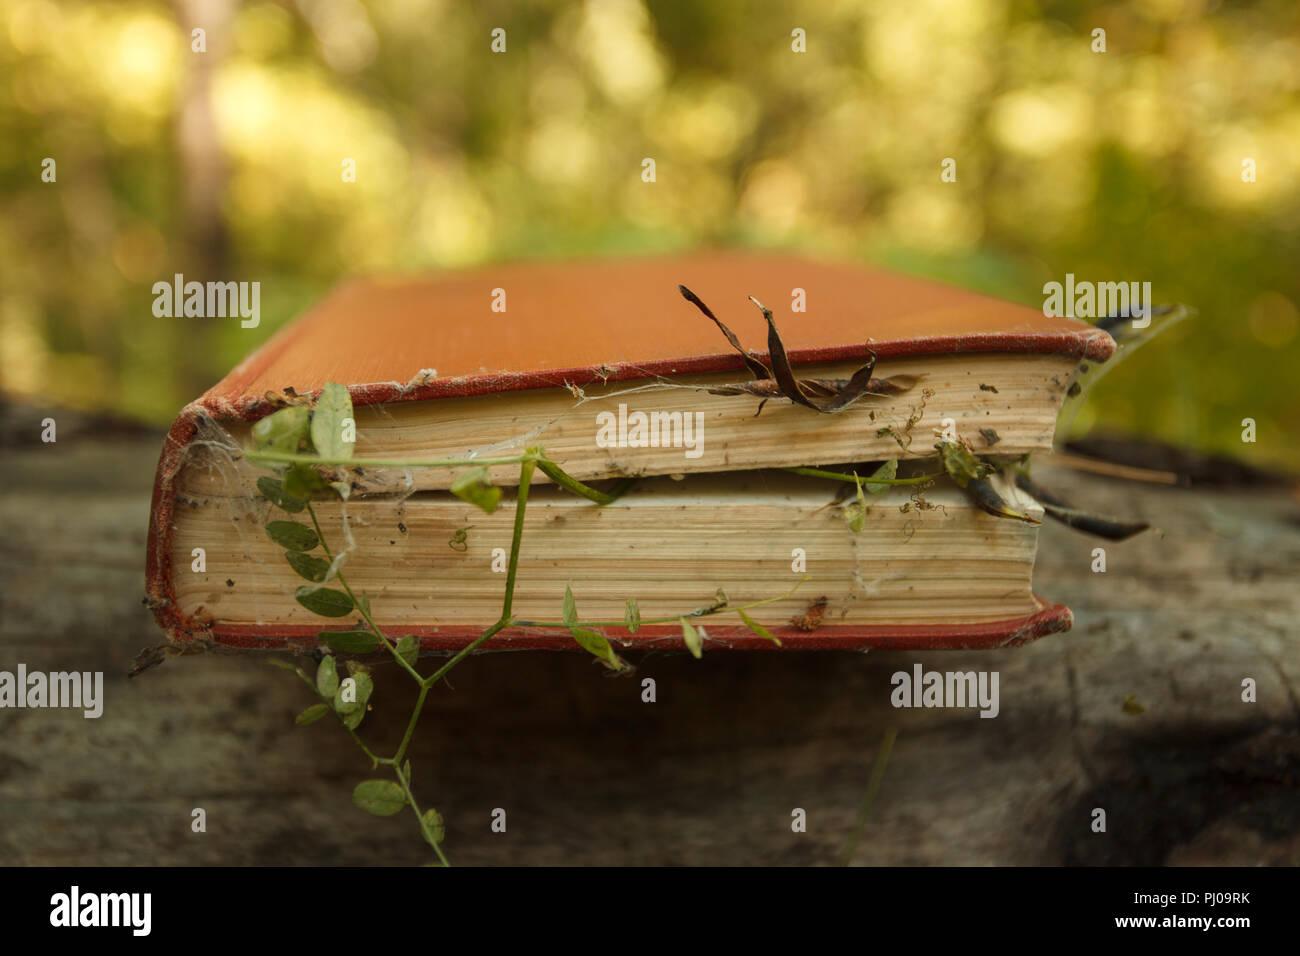 Verhext Buch mit magischen Pflanzen und Spinnennetz, Konzept des Geheimnisses und des geistlichen Stockbild